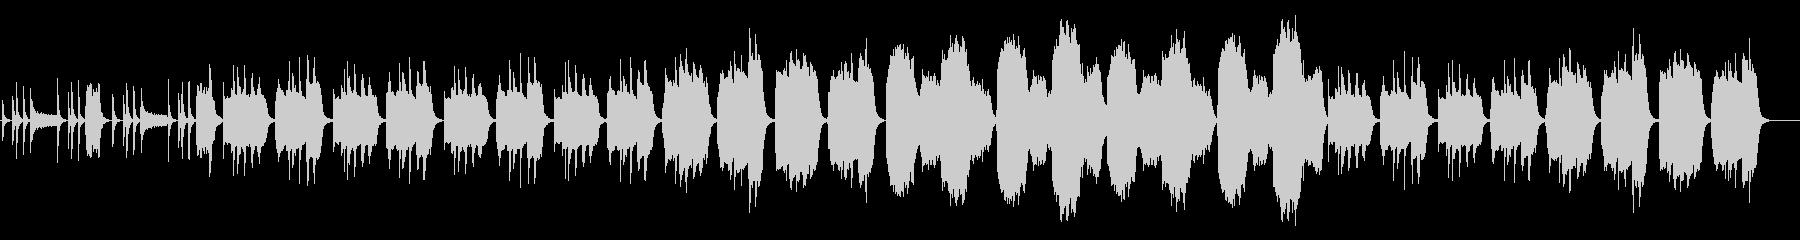 ゆったり、ほのぼの、少しマヌケなBGMの未再生の波形